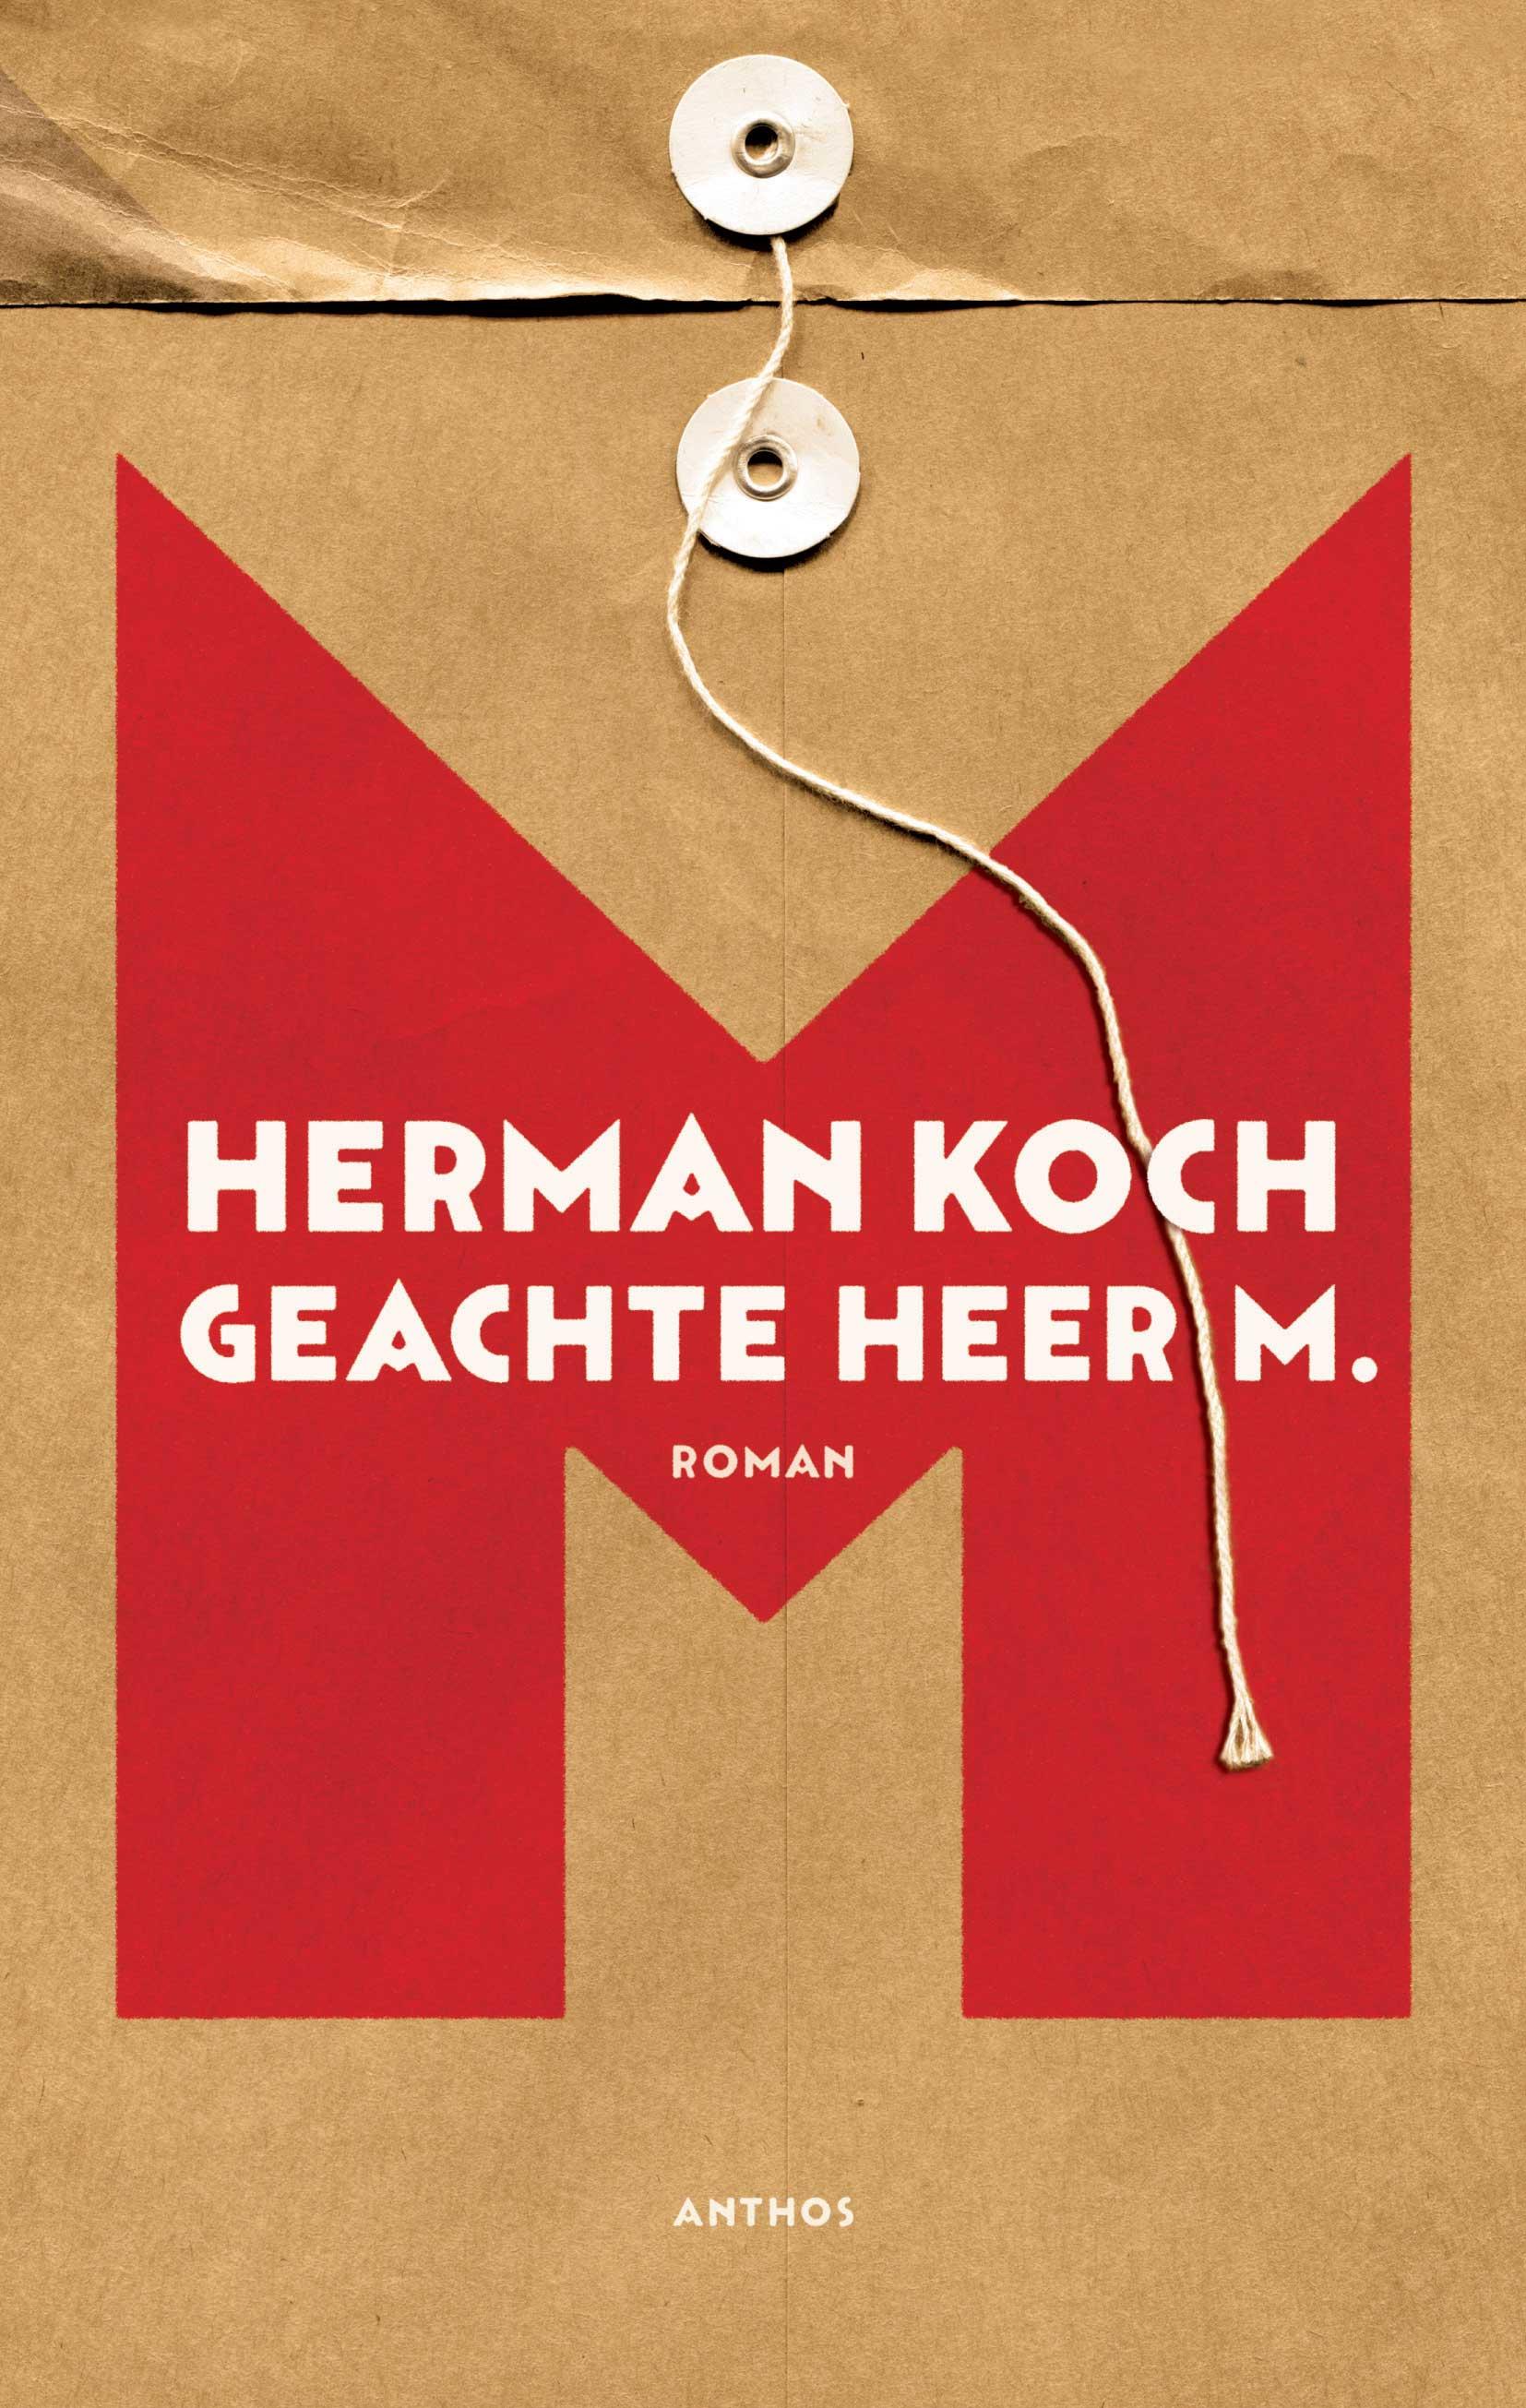 https://pratenoverromanfragmenten.nl/wp-content/uploads/2015/12/Voorpagina-15-Geachte-heer-M..jpg